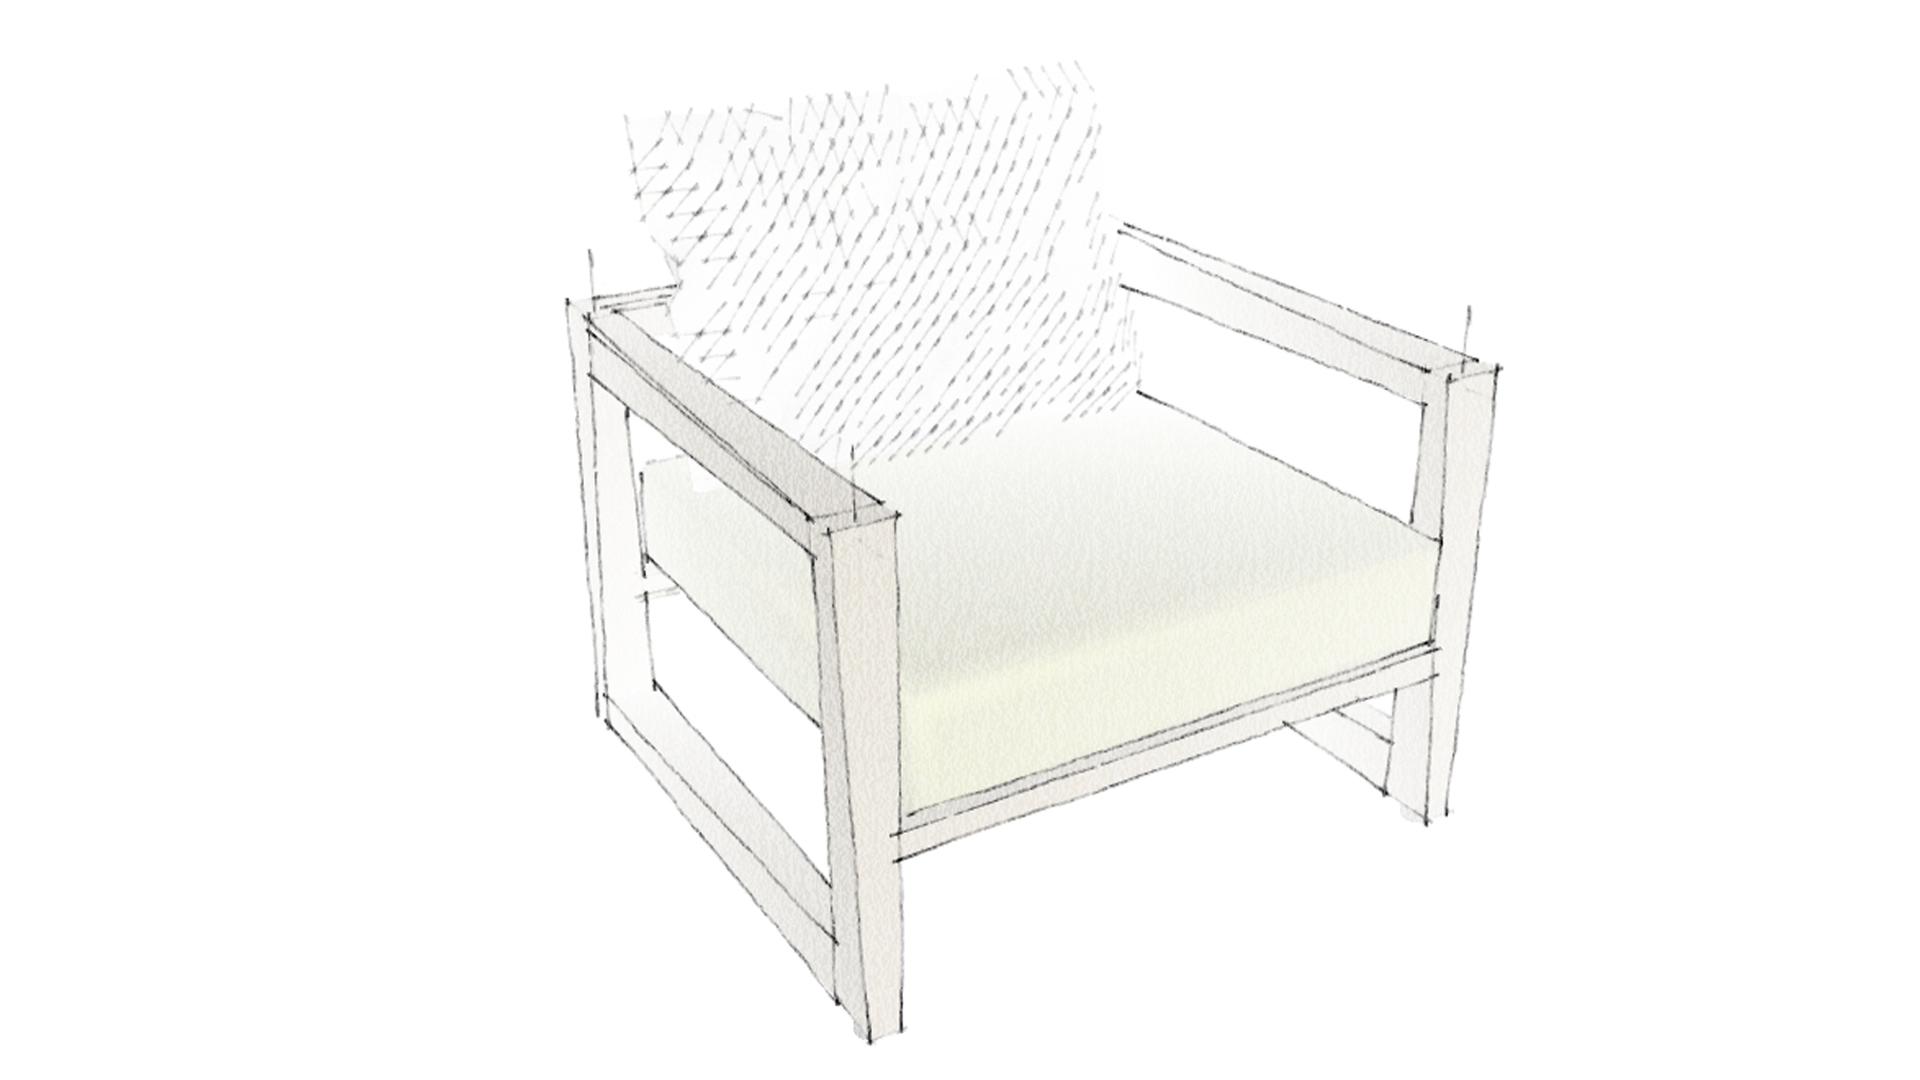 SKAAL est une collection de mobilier d'extérieur et luminaires extérieurs dessinée pour LES JARDINS AIX EN PROVENCE. Le fauteuil en teck SKAAL est idéal pour l'ameublement d'extérieur. Ce fauteuil design pour LES JARDINS AIX EN PROVENCE est une création de Claude Robin, alliant design moderne et ergonomie. Les fauteuils d'extérieur en teck s'adaptent à tout type d'extérieur.